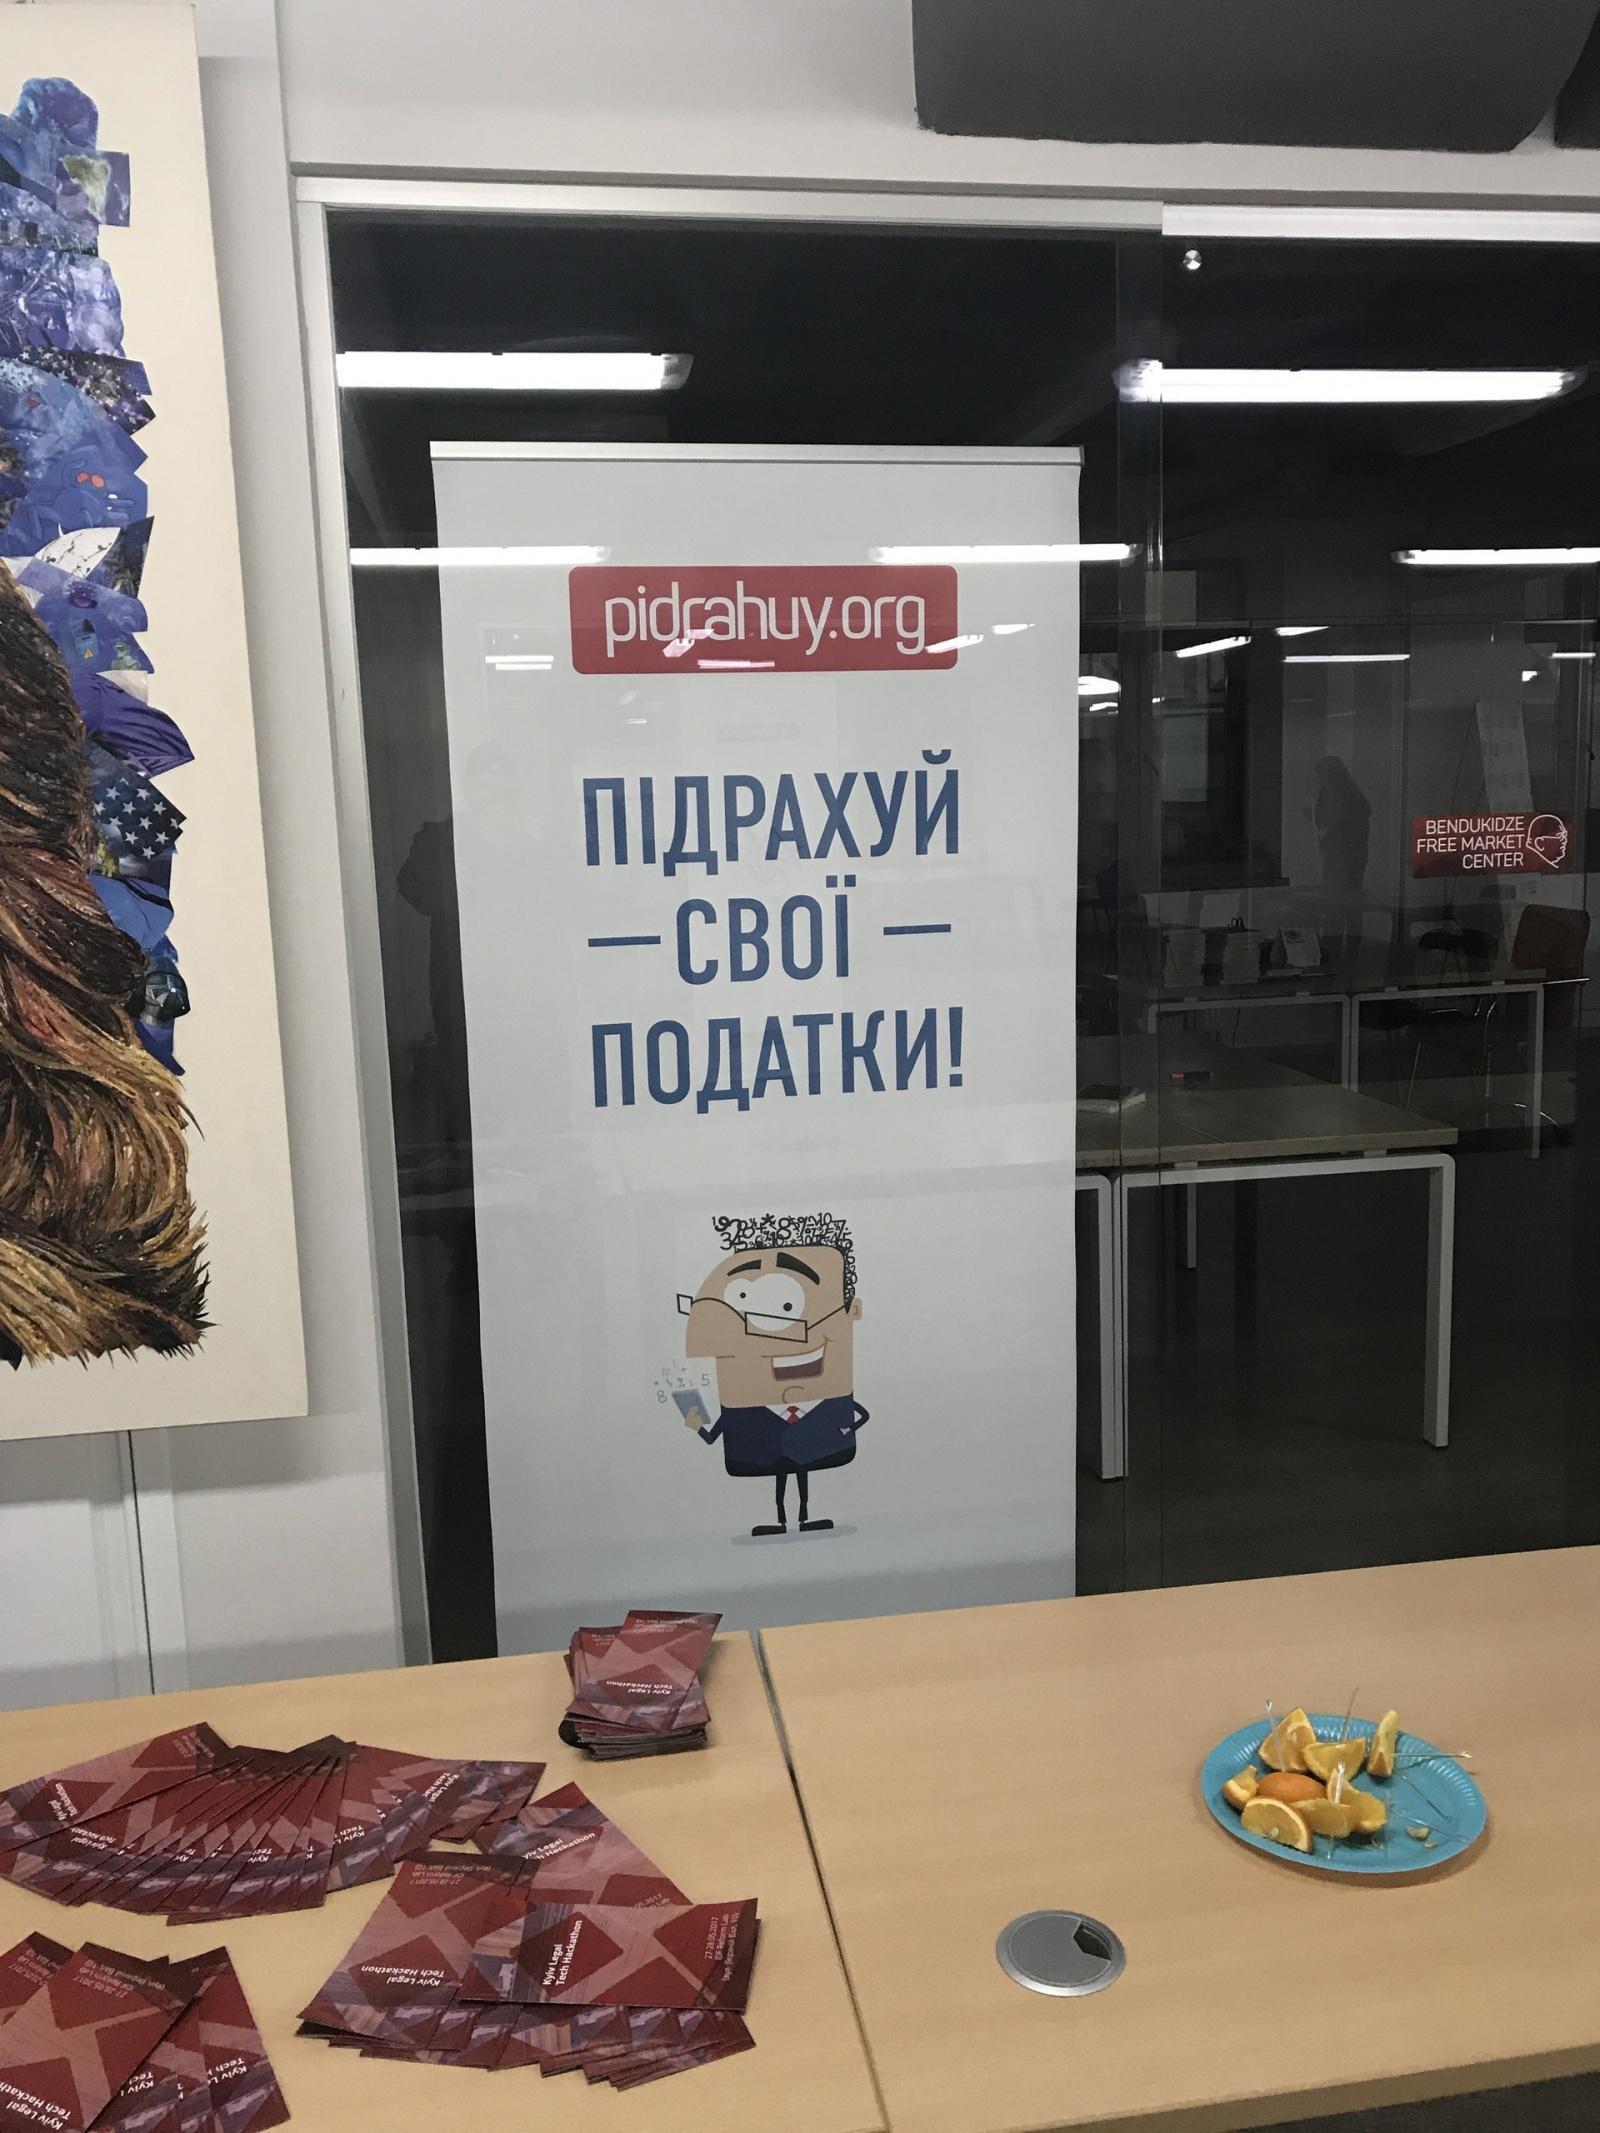 Как мы участвовали в первом Лигалтех хакатоне СНГ и почему решили делать ещё один в Москве - 3